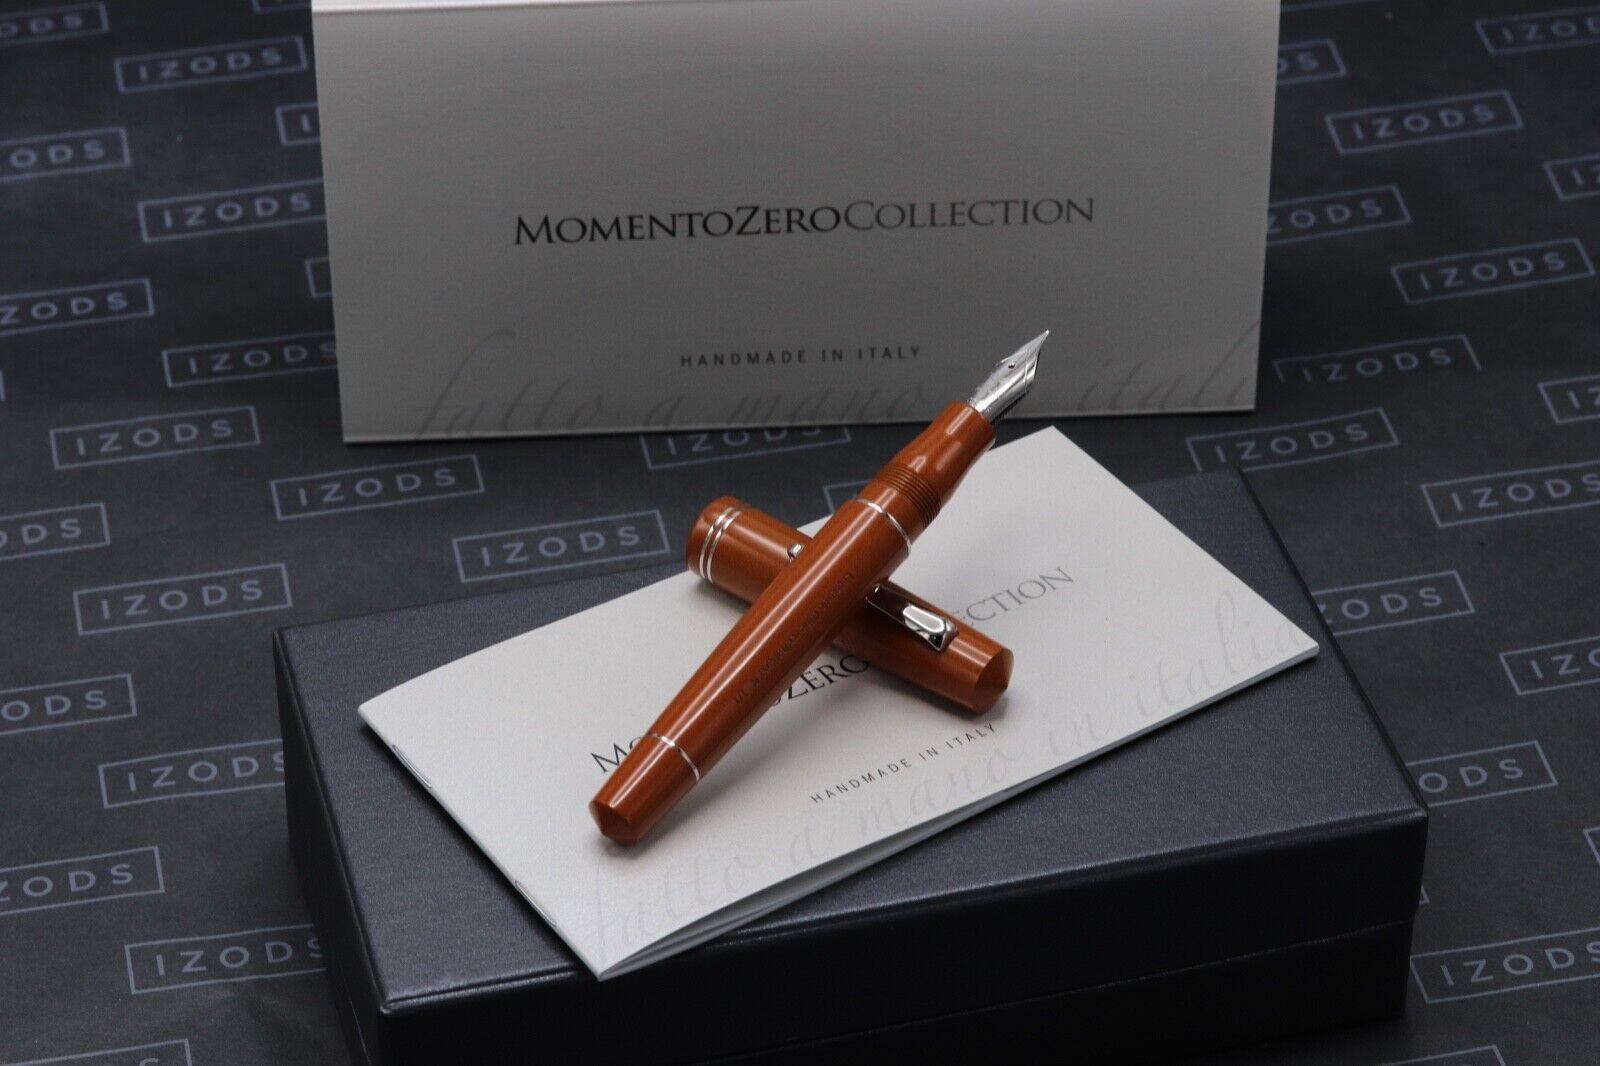 Leonardo Momento Zero Orange Ebonite 1/1 Fountain Pen